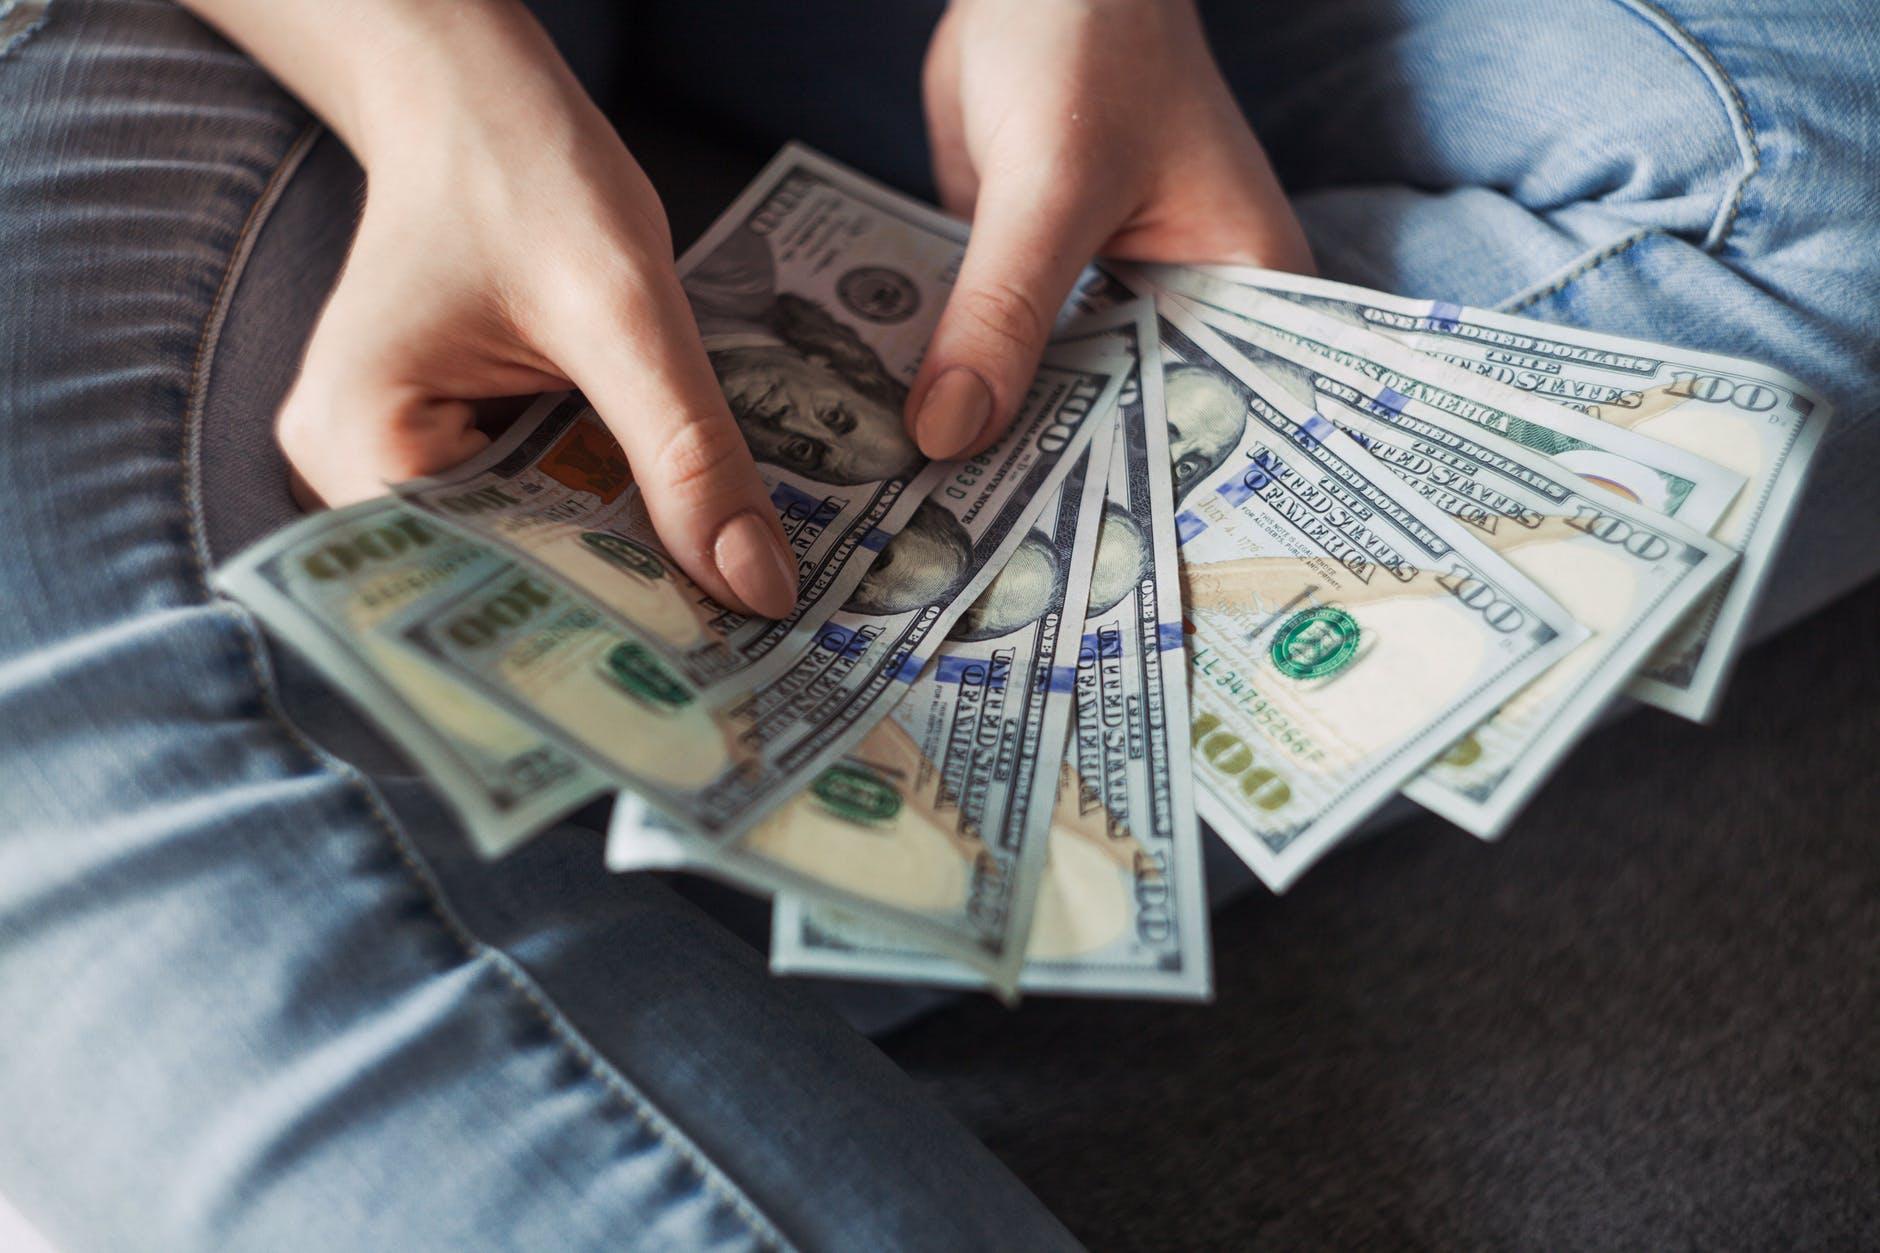 Répartiteur de mise : une méthode efficace pour le pari Draw No Bet